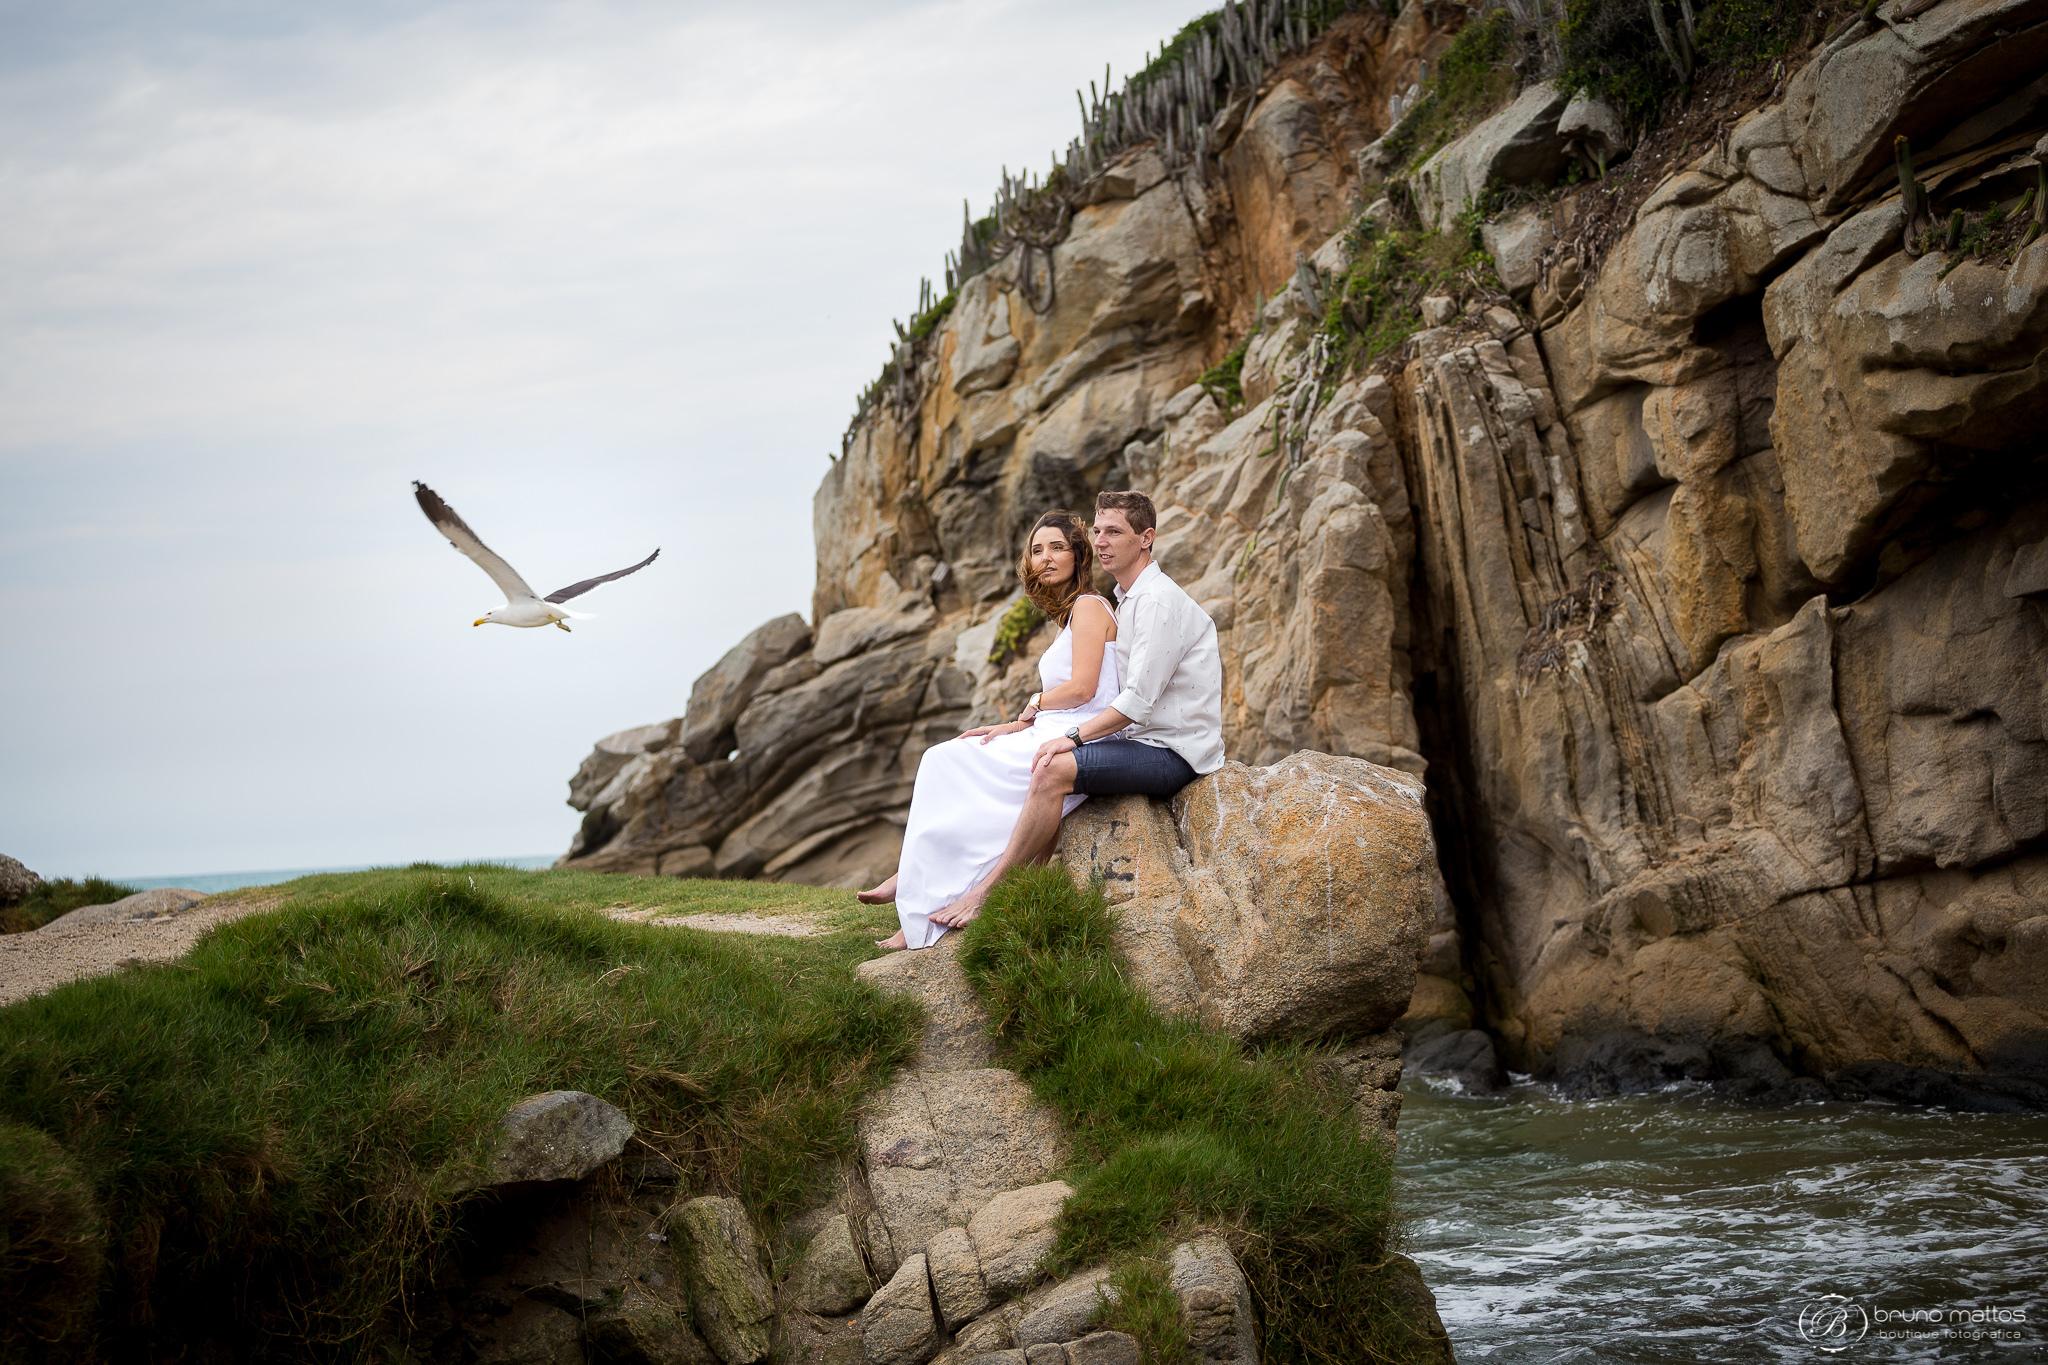 Contate Bruno Mattos fotografia de casamento Petrópolis Rio de Janeiro Juiz de Fora